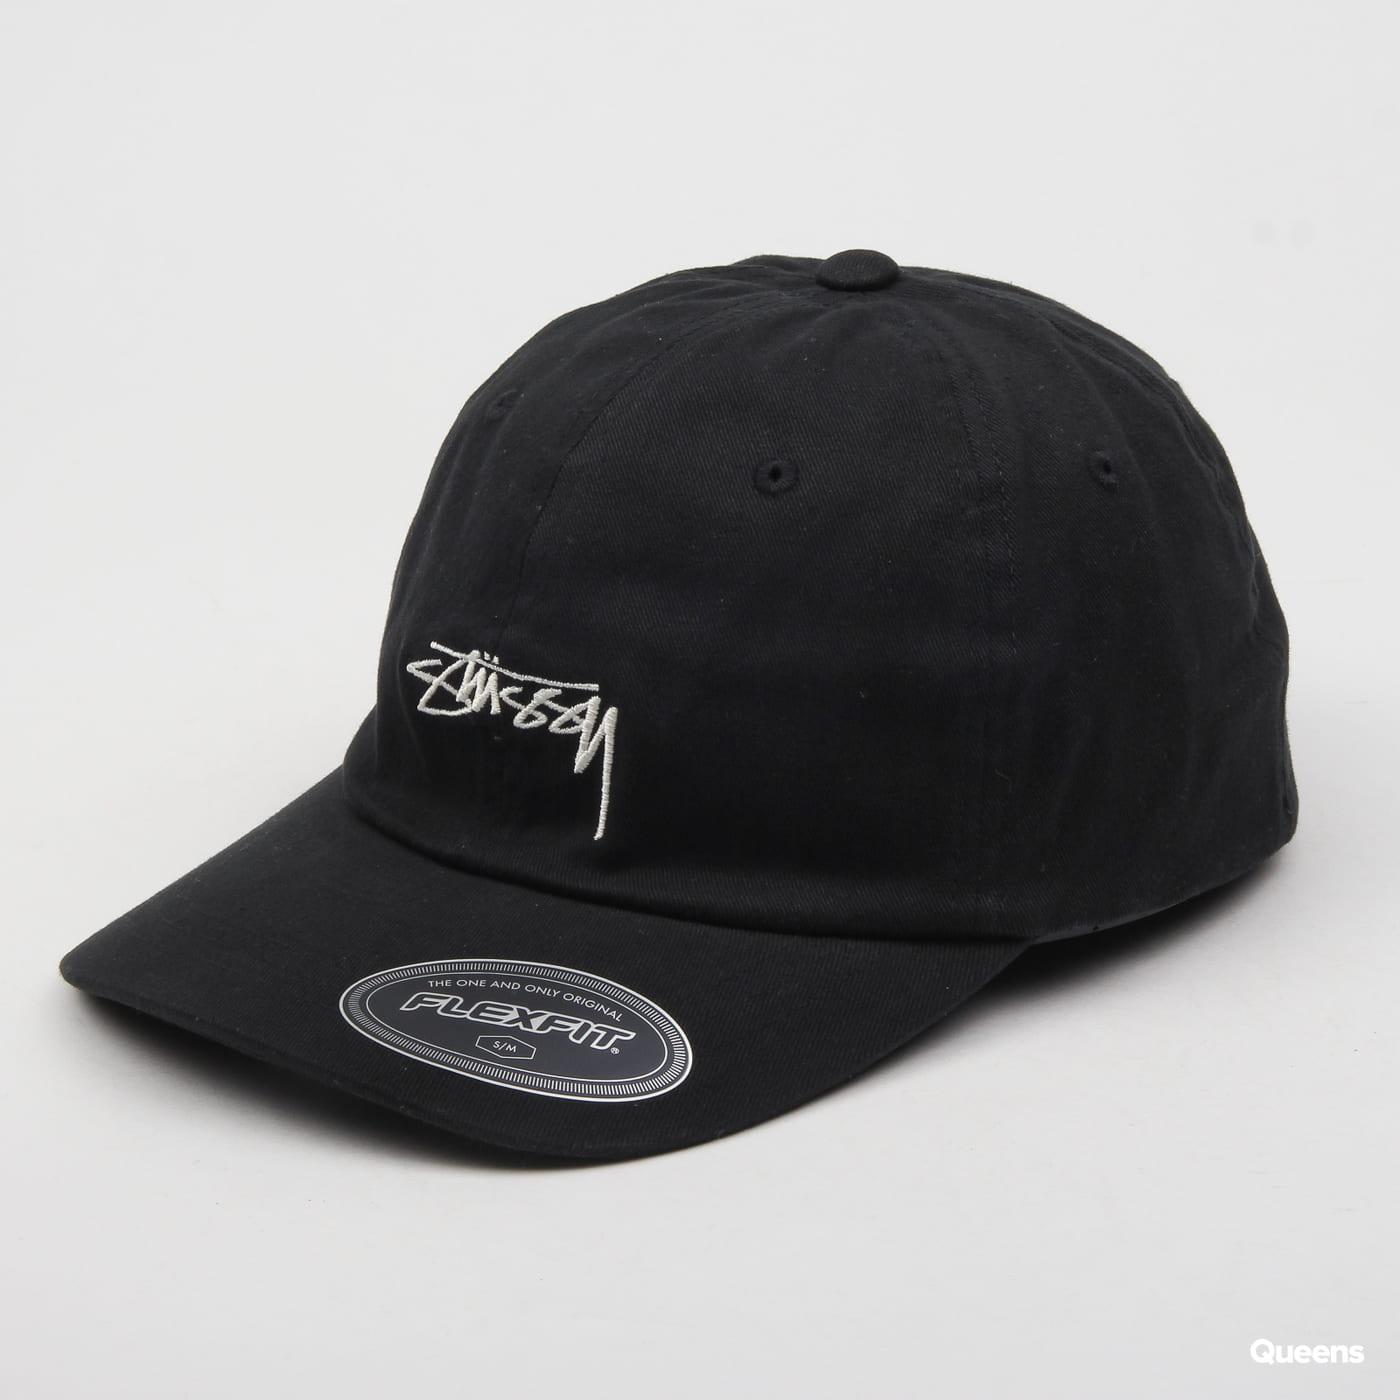 b26795157f9 Hat Stüssy Stock Fittd Low Cap (131859   001)– Queens 💚